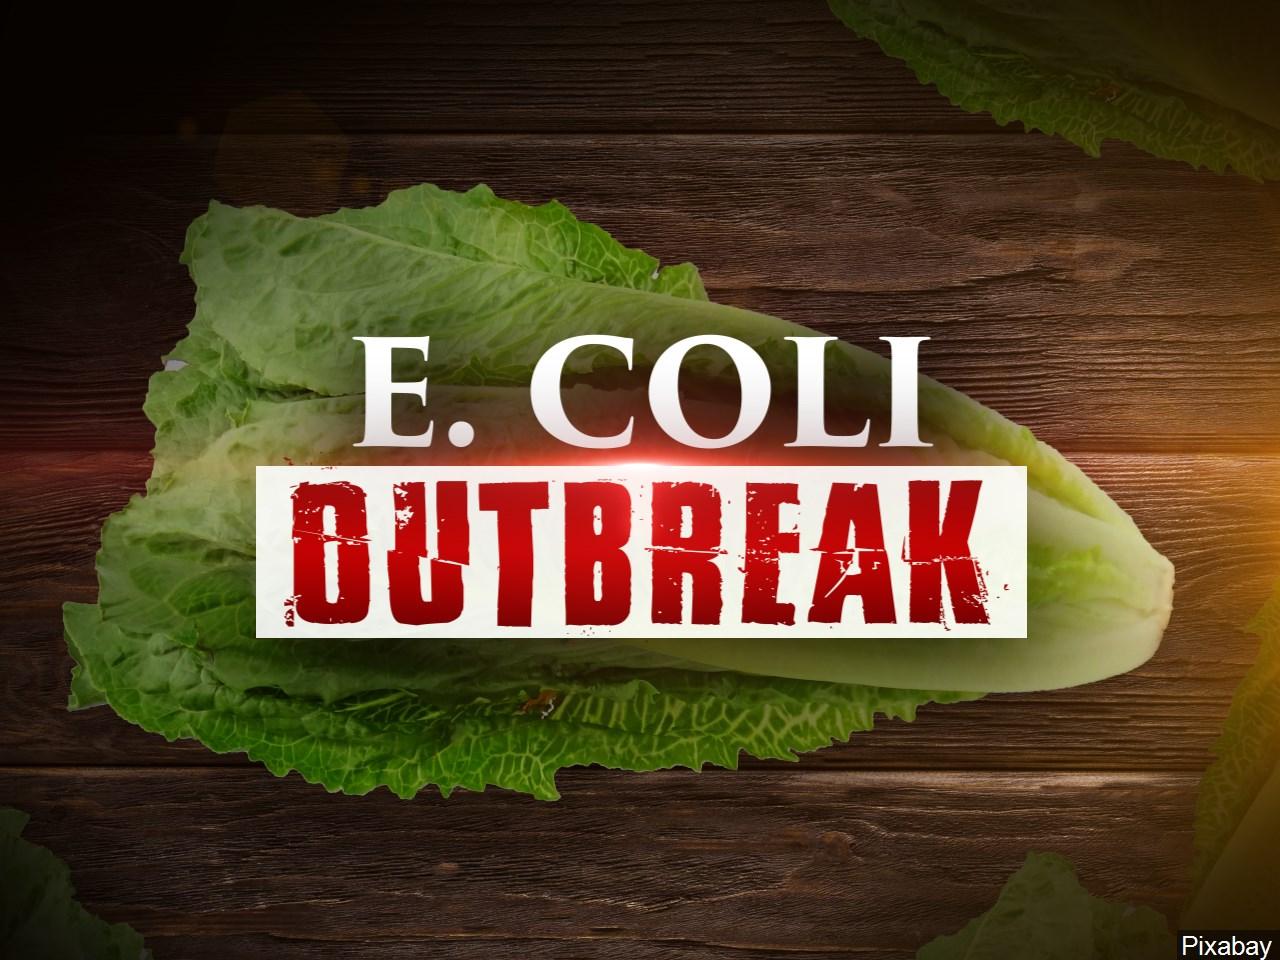 FDA Confirms California as Source of E. Coli Outbreak